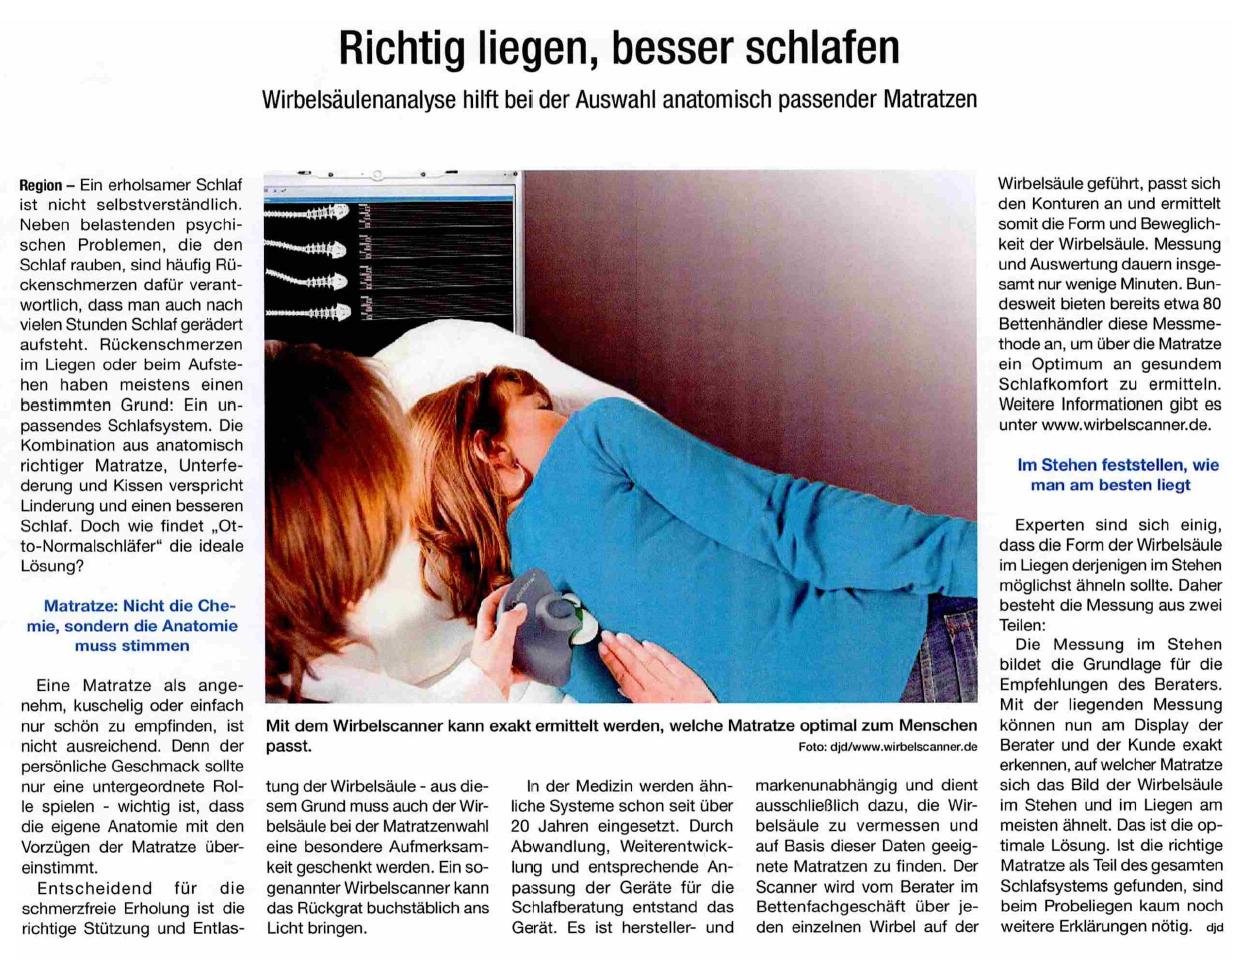 Anzeige Wirbelscanner - Richtig liegen, besser schlafen quer